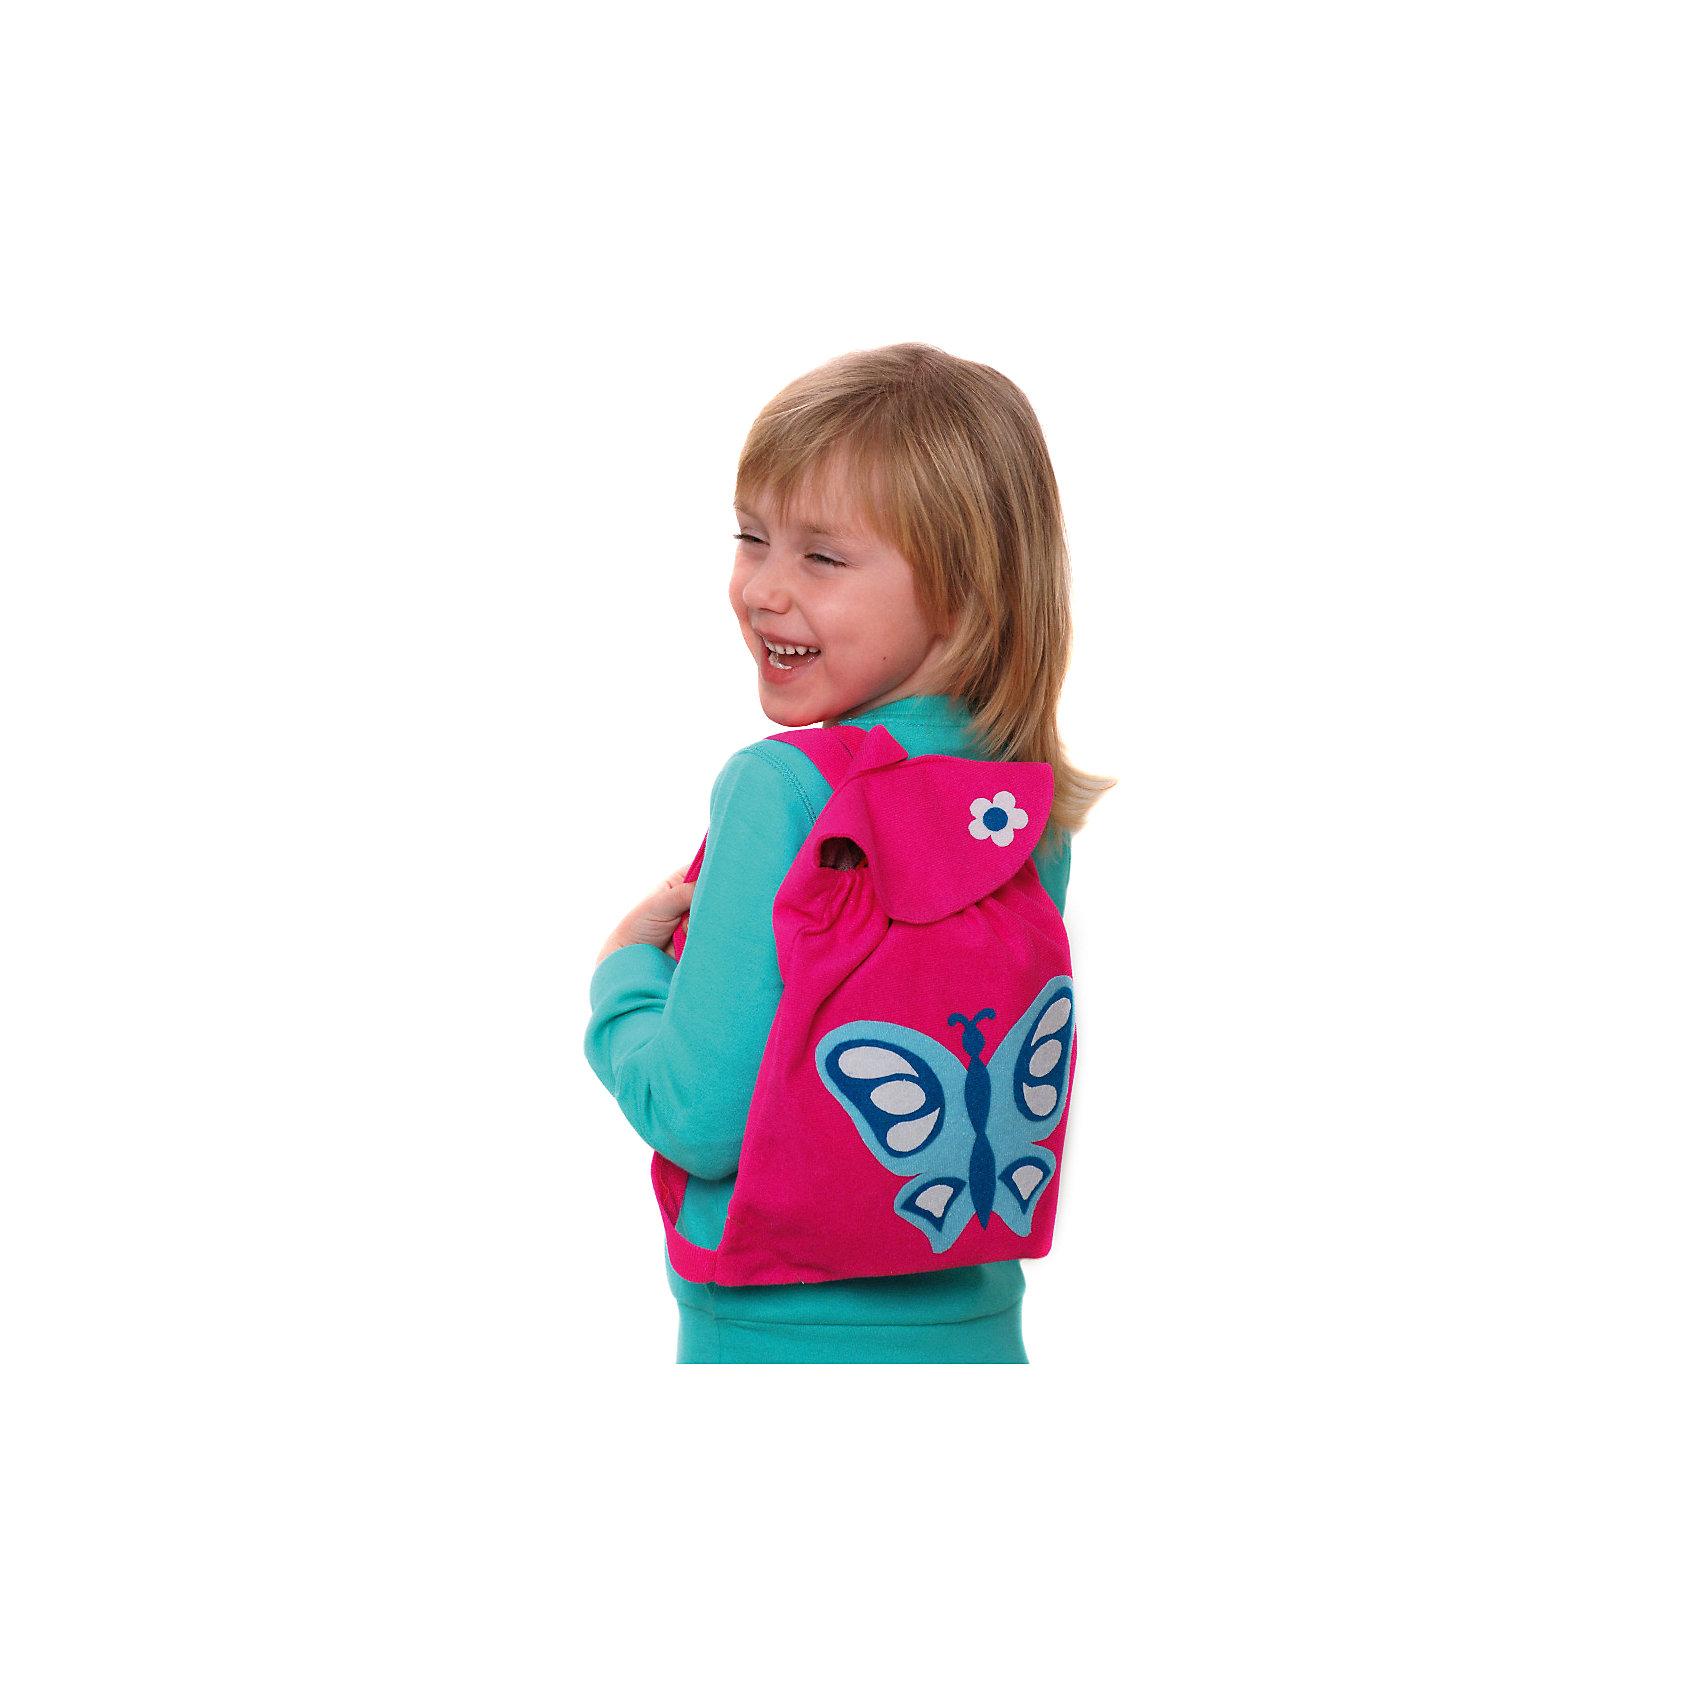 Стигис-аппликация Рюкзак детский, розовыйРукоделие<br>С помощью набора для стигис-аппликации ребенок сможет создать себе уникальный рюкзачок с собственным дизайном.  Для создания красивой аппликации нужно  лишь придумать желаемый рисунок, нарисовать его на stigis-ткани, вырезать, приложить к рюкзаку и прогладить утюгом. Если готовая аппликация не понравилась, ее можно легко удалить, прогладив утюгом еще раз. Все материалы гипоаллергенны и безопасны. Такое творчество развивает усидчивость, аккуратность и дизайнерские способности ребенка. Прекрасный выбор для начинающих дизайнеров!<br><br>Дополнительная информация:<br>В комплекте: рюкзачок, stigis-ткань, выкройки, инструкция<br>Цвет: розовый<br>Размер: 3,5х27х20 см<br>Вес: 120 грамм<br>Набор для стигис-аппликации Рюкзачок можно приобрести в нашем интернет-магазине.<br><br>Ширина мм: 200<br>Глубина мм: 270<br>Высота мм: 35<br>Вес г: 120<br>Возраст от месяцев: 36<br>Возраст до месяцев: 72<br>Пол: Унисекс<br>Возраст: Детский<br>SKU: 4939430